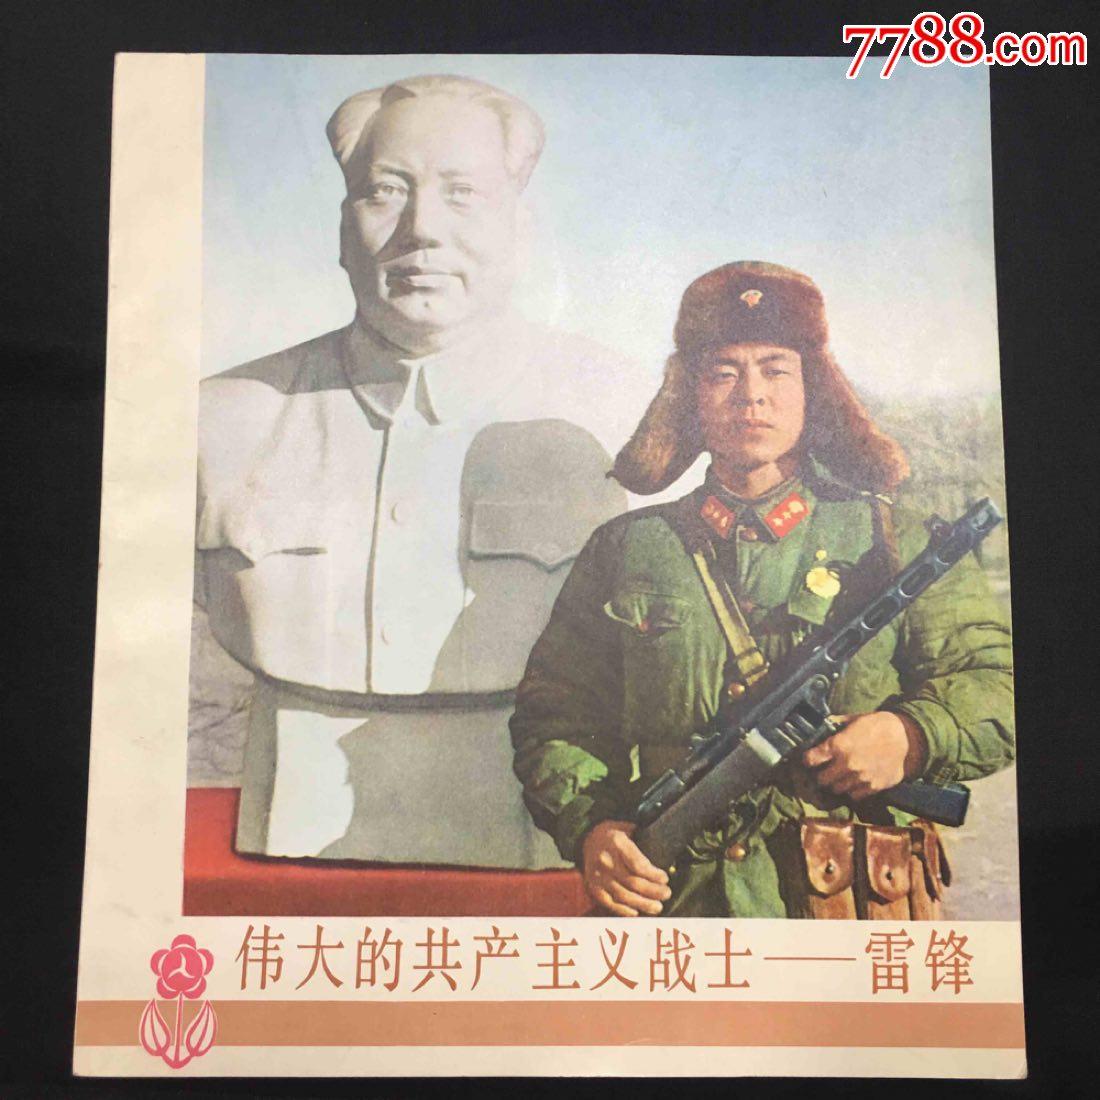 伟大的共产主义万岁雷锋(au20689894)_